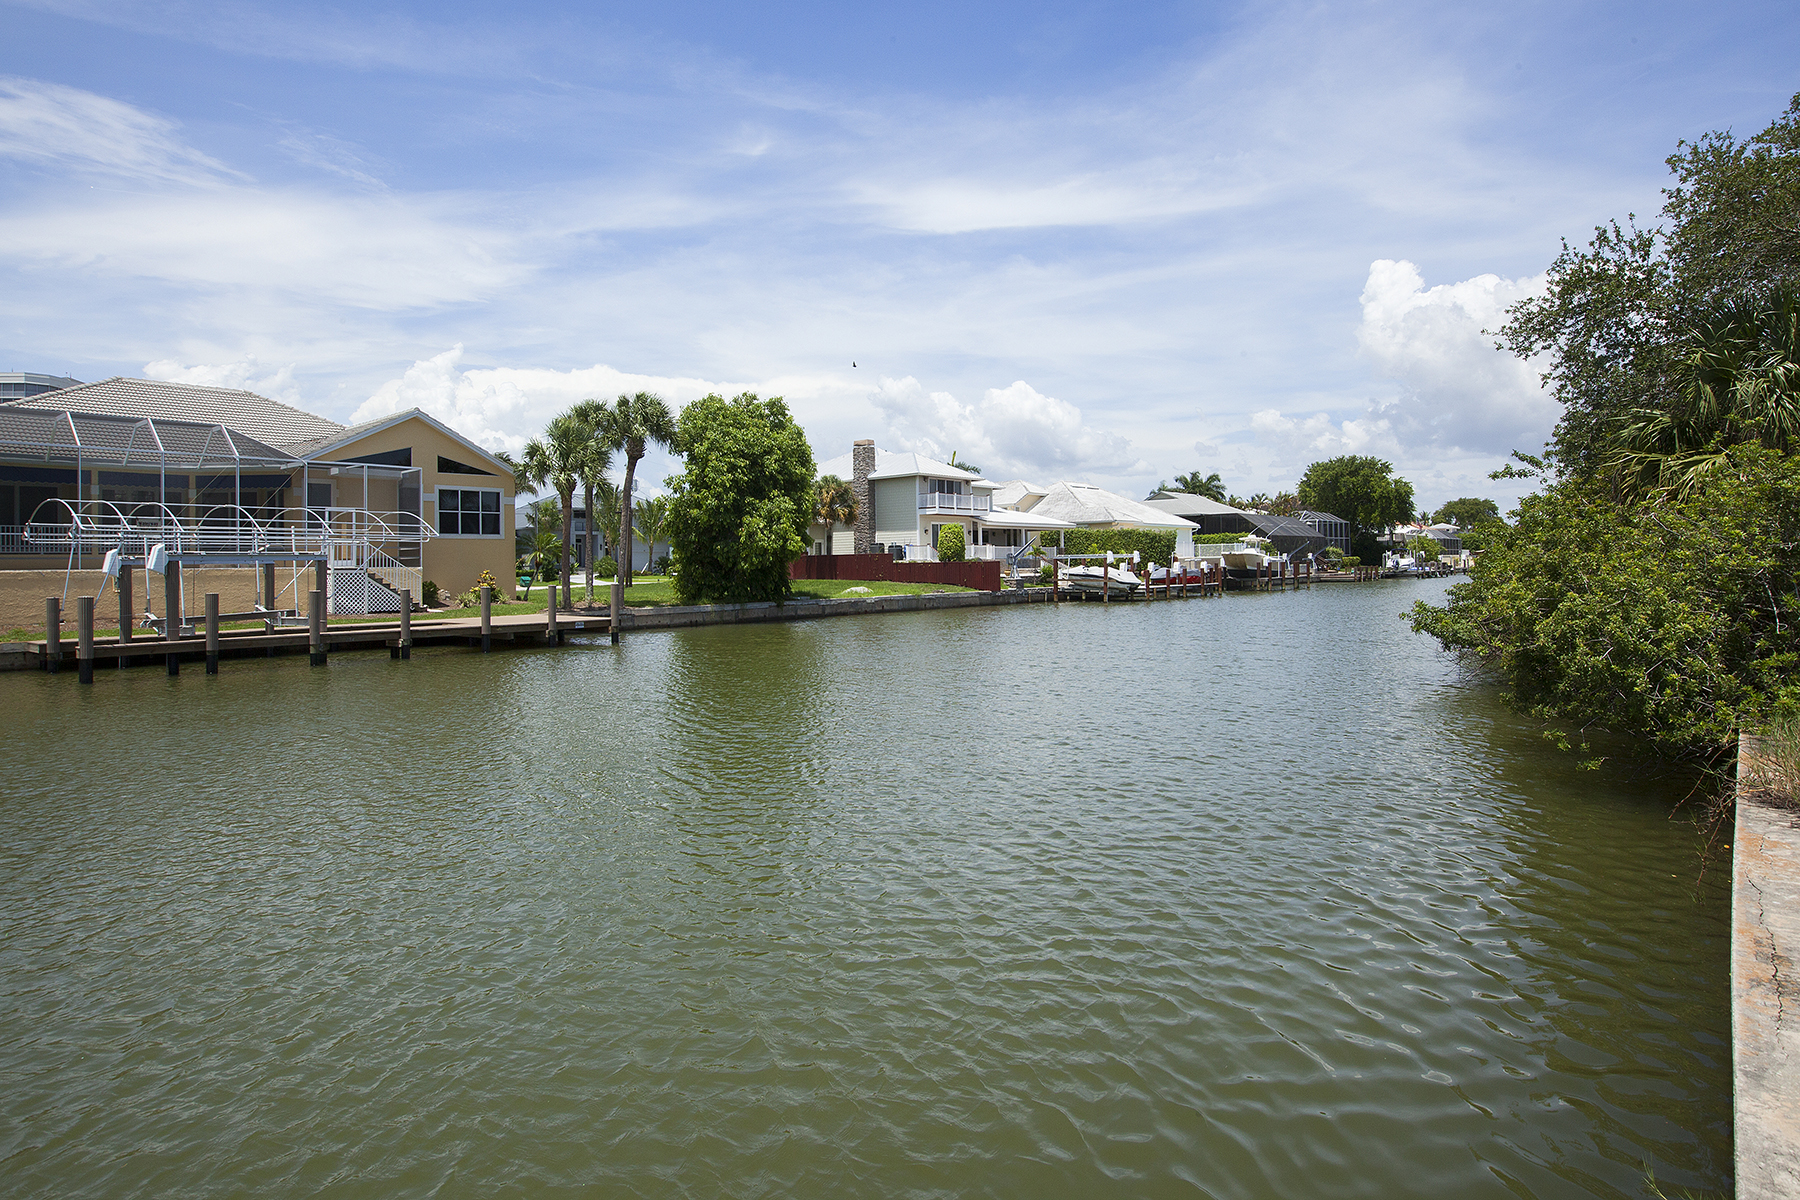 토지 용 매매 에 229 Heron Ave , Naples, FL 34108-2113 229 Heron Ave Naples, 플로리다 34108 미국